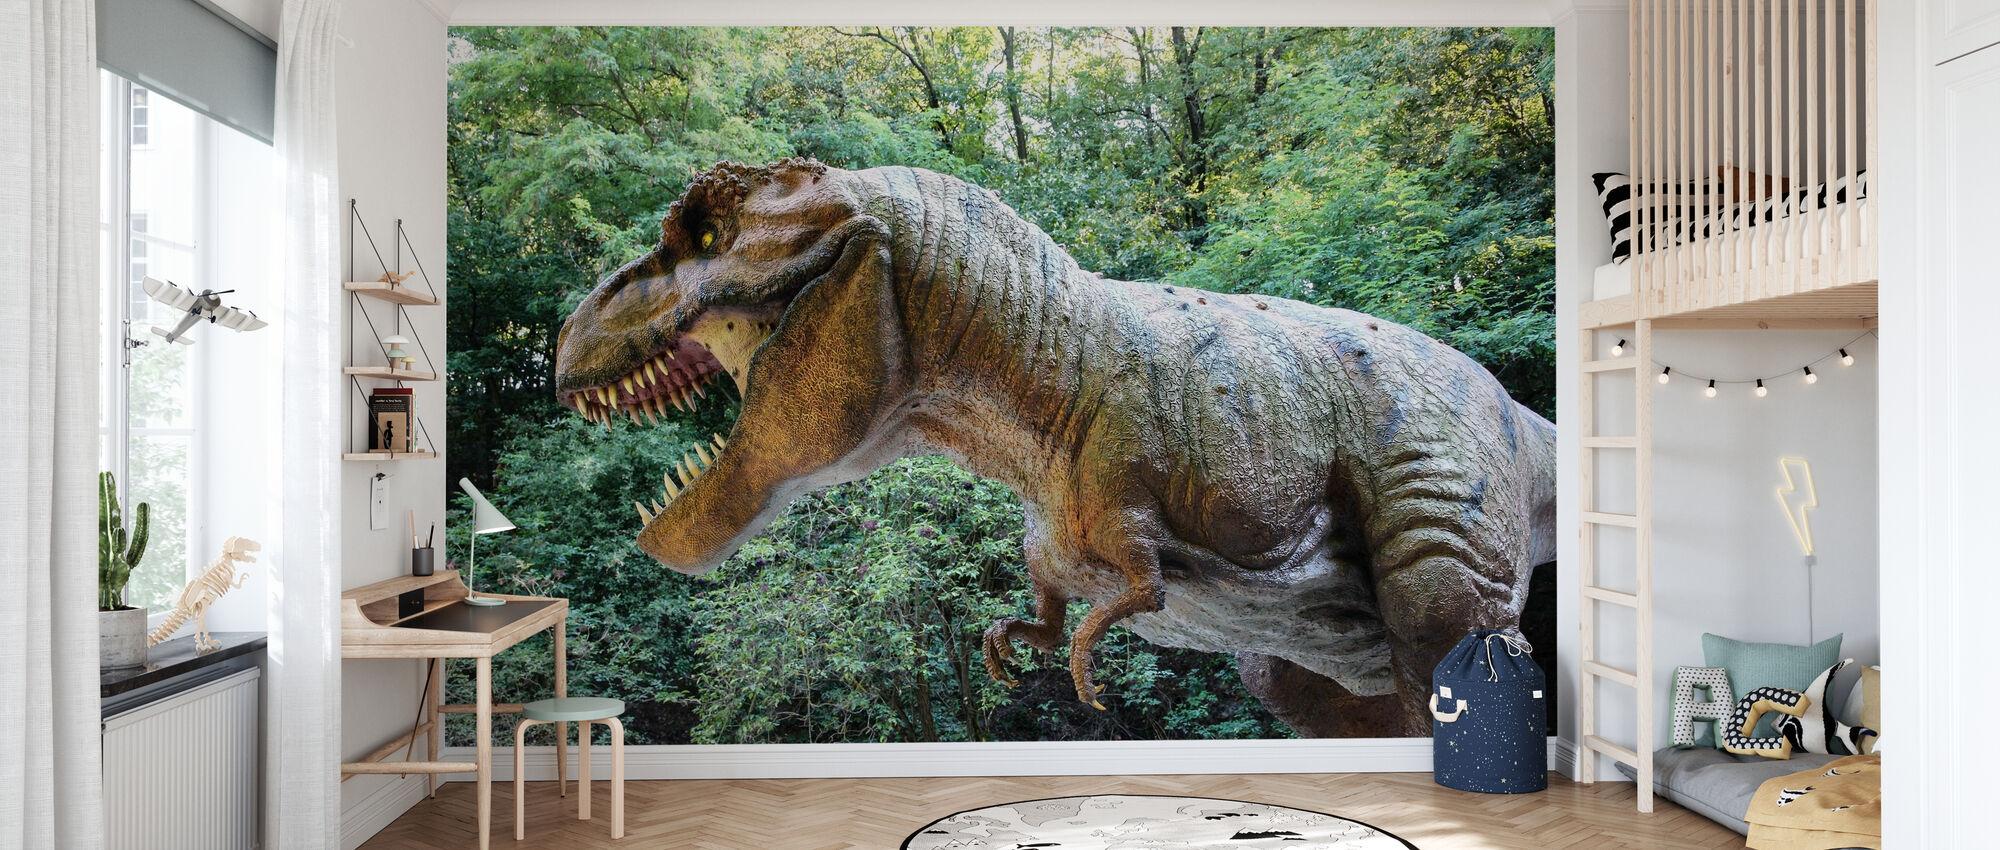 Deadly Dinosaur - Wallpaper - Kids Room